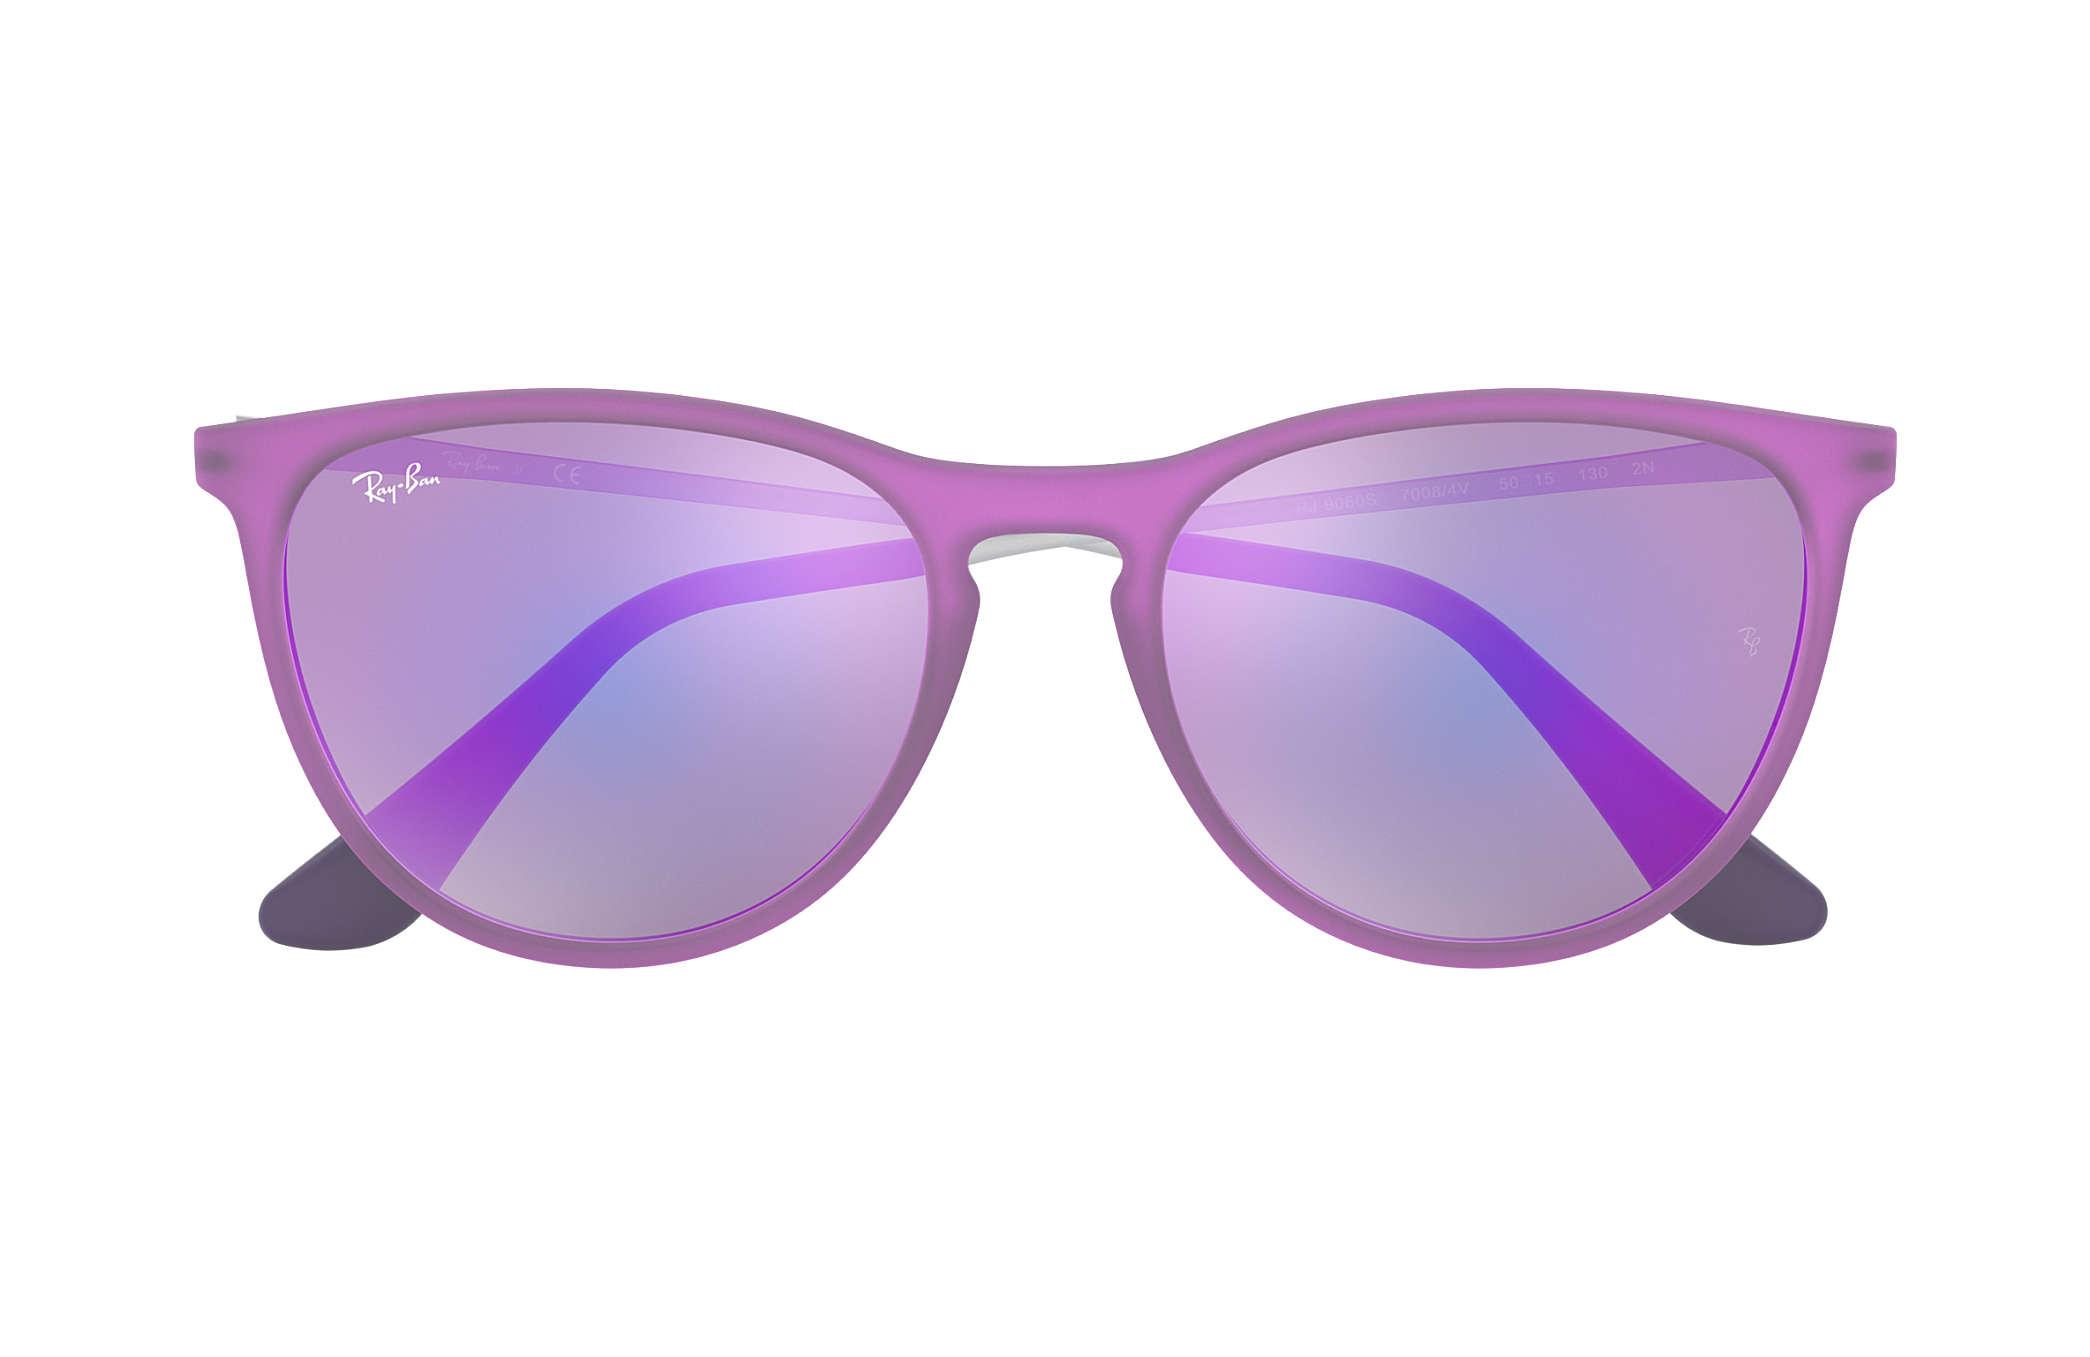 0a5ef64182c2db Izzy Ray-Ban RB9060S Violet - Nylon - Verres Violet ...